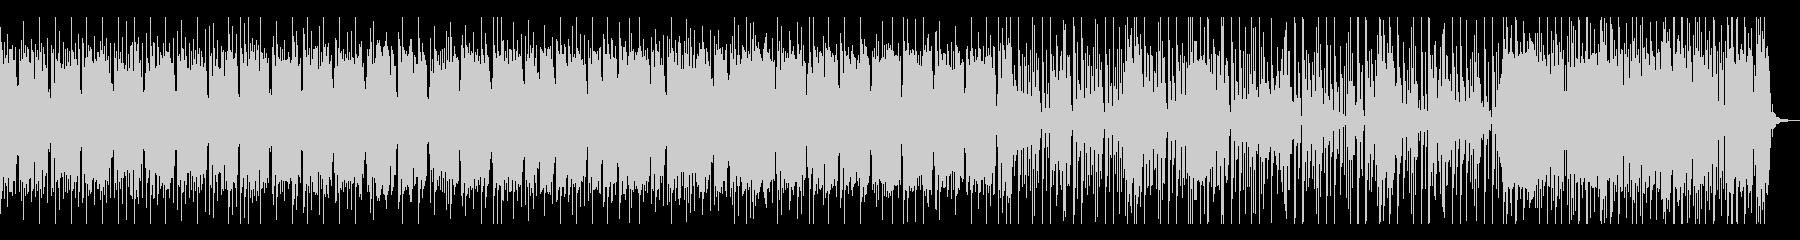 ベースリフにシンセのゆらぎ、2パートありの未再生の波形